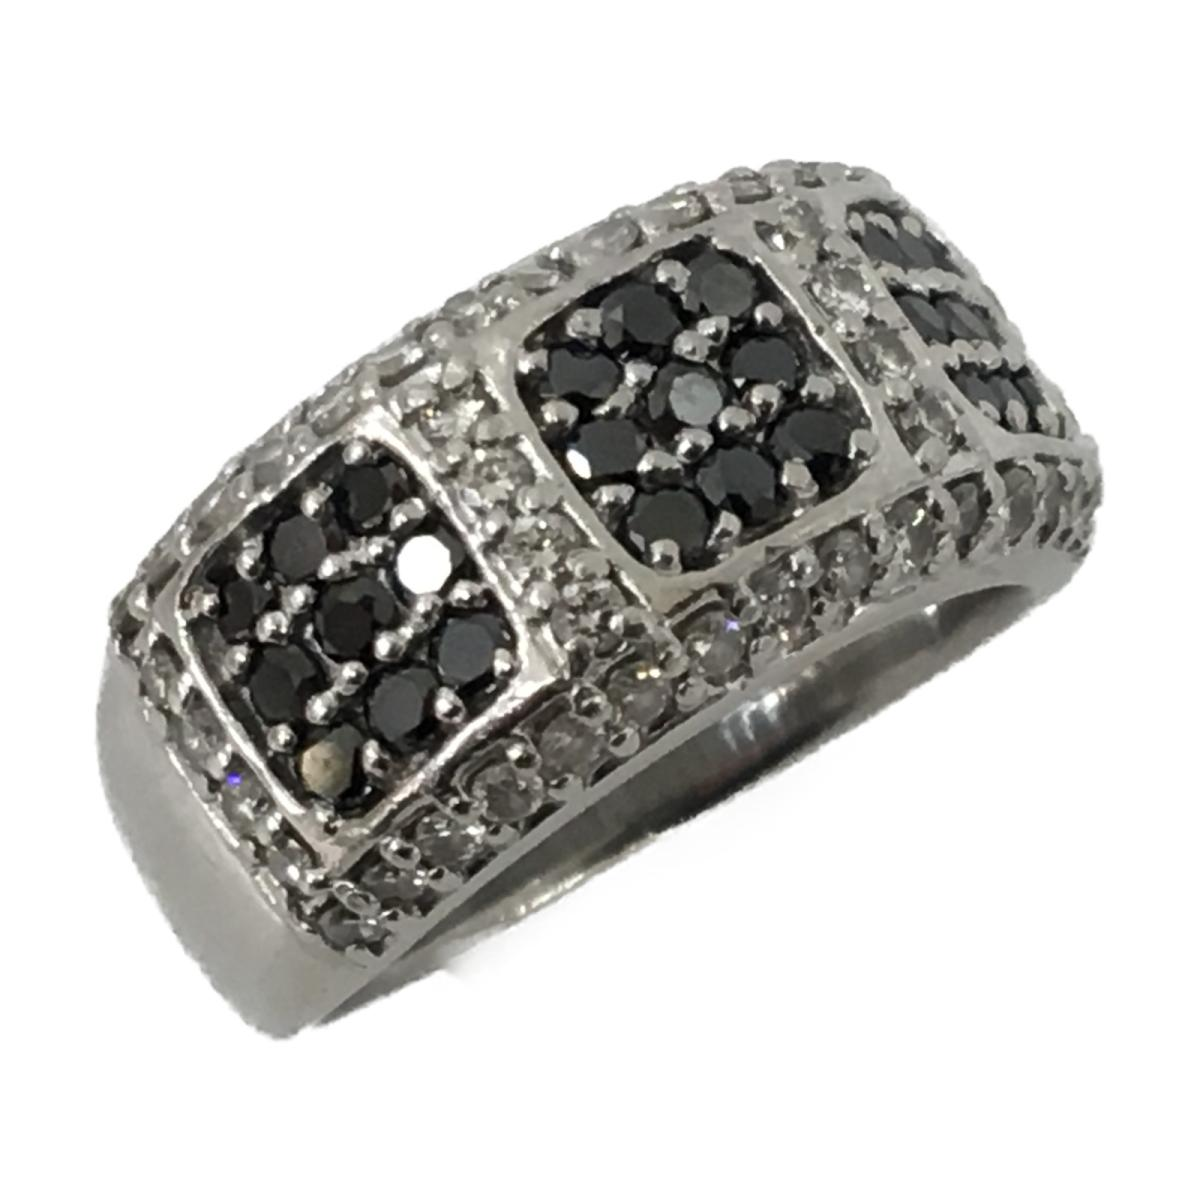 開店記念セール! 【 PT900】 ジュエリー ブラックダイヤモンド リング 指輪 メンズ リング レディース PT900 メンズ プラチナ x (0.76ct) ダイヤモンド (0.67ct)   JEWELRY BRANDOFF ブランドオフ ブランド アクセサリー, オルゴールと時計の杜のうた:1a90ba15 --- greencard.progsite.com